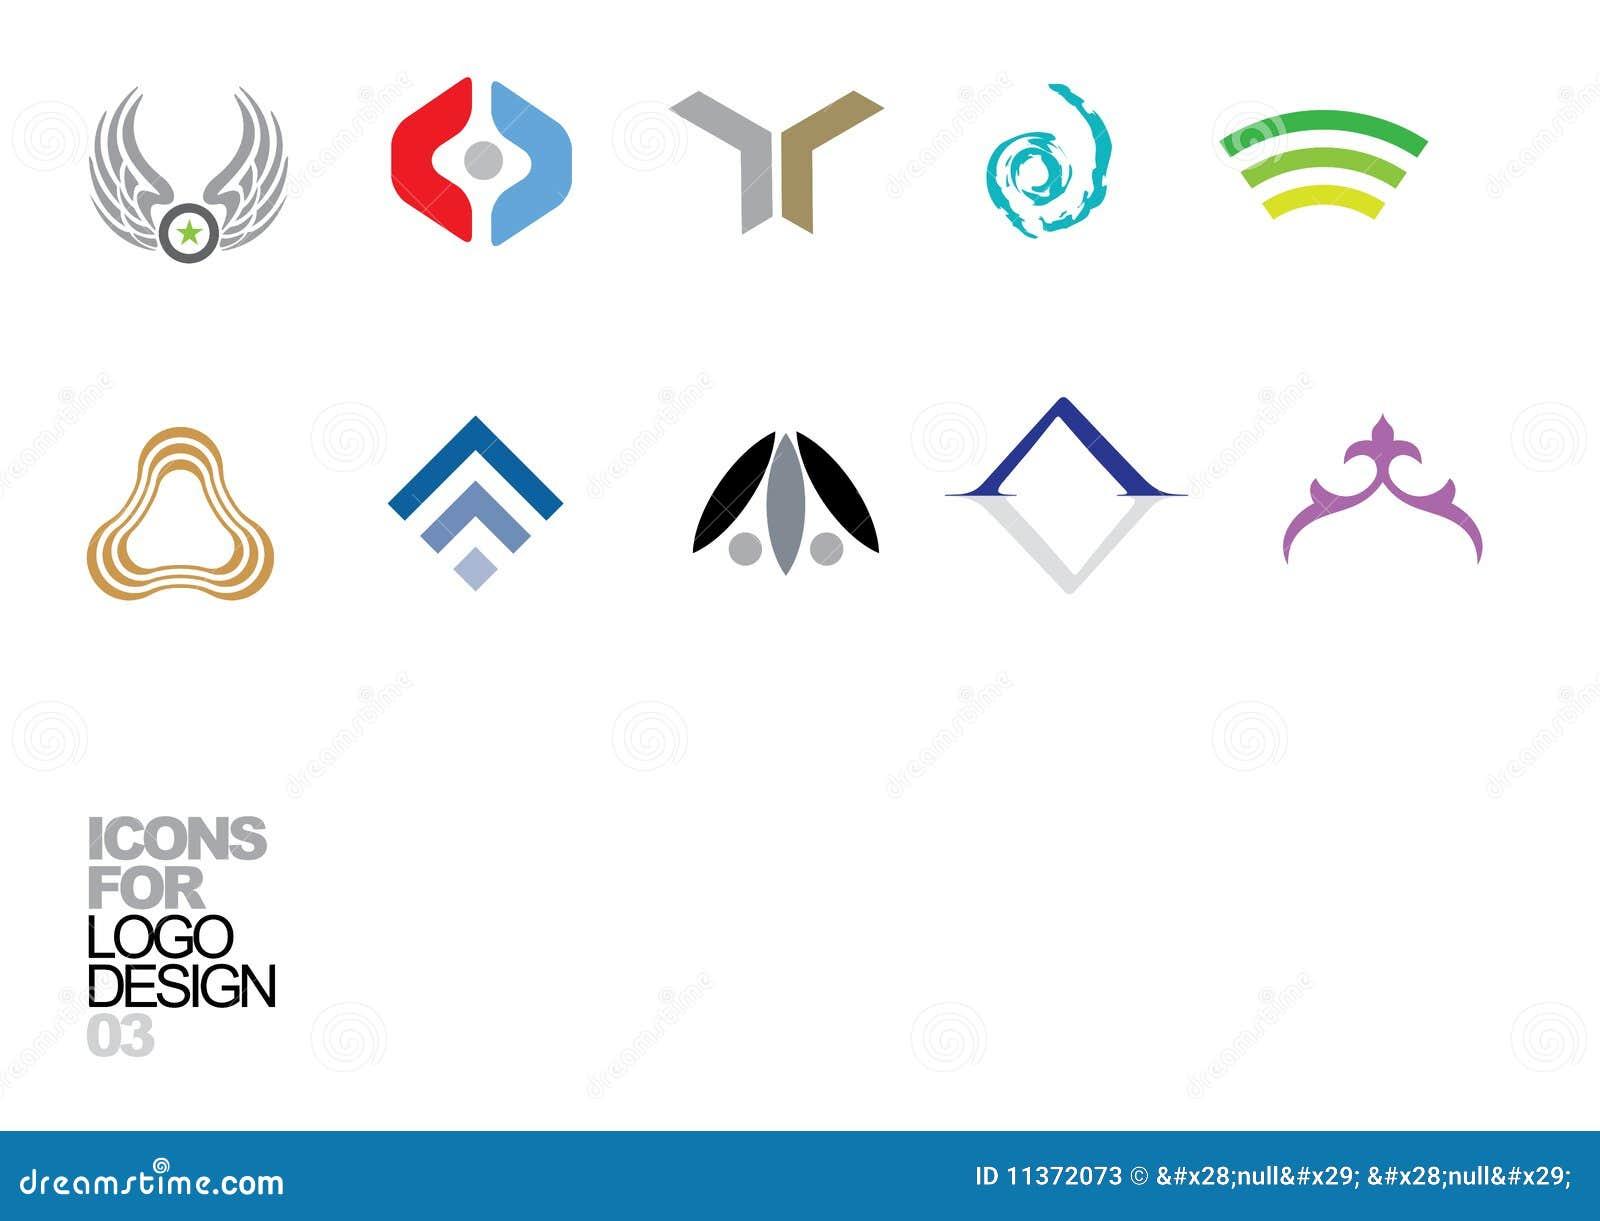 03个设计要素徽标向量